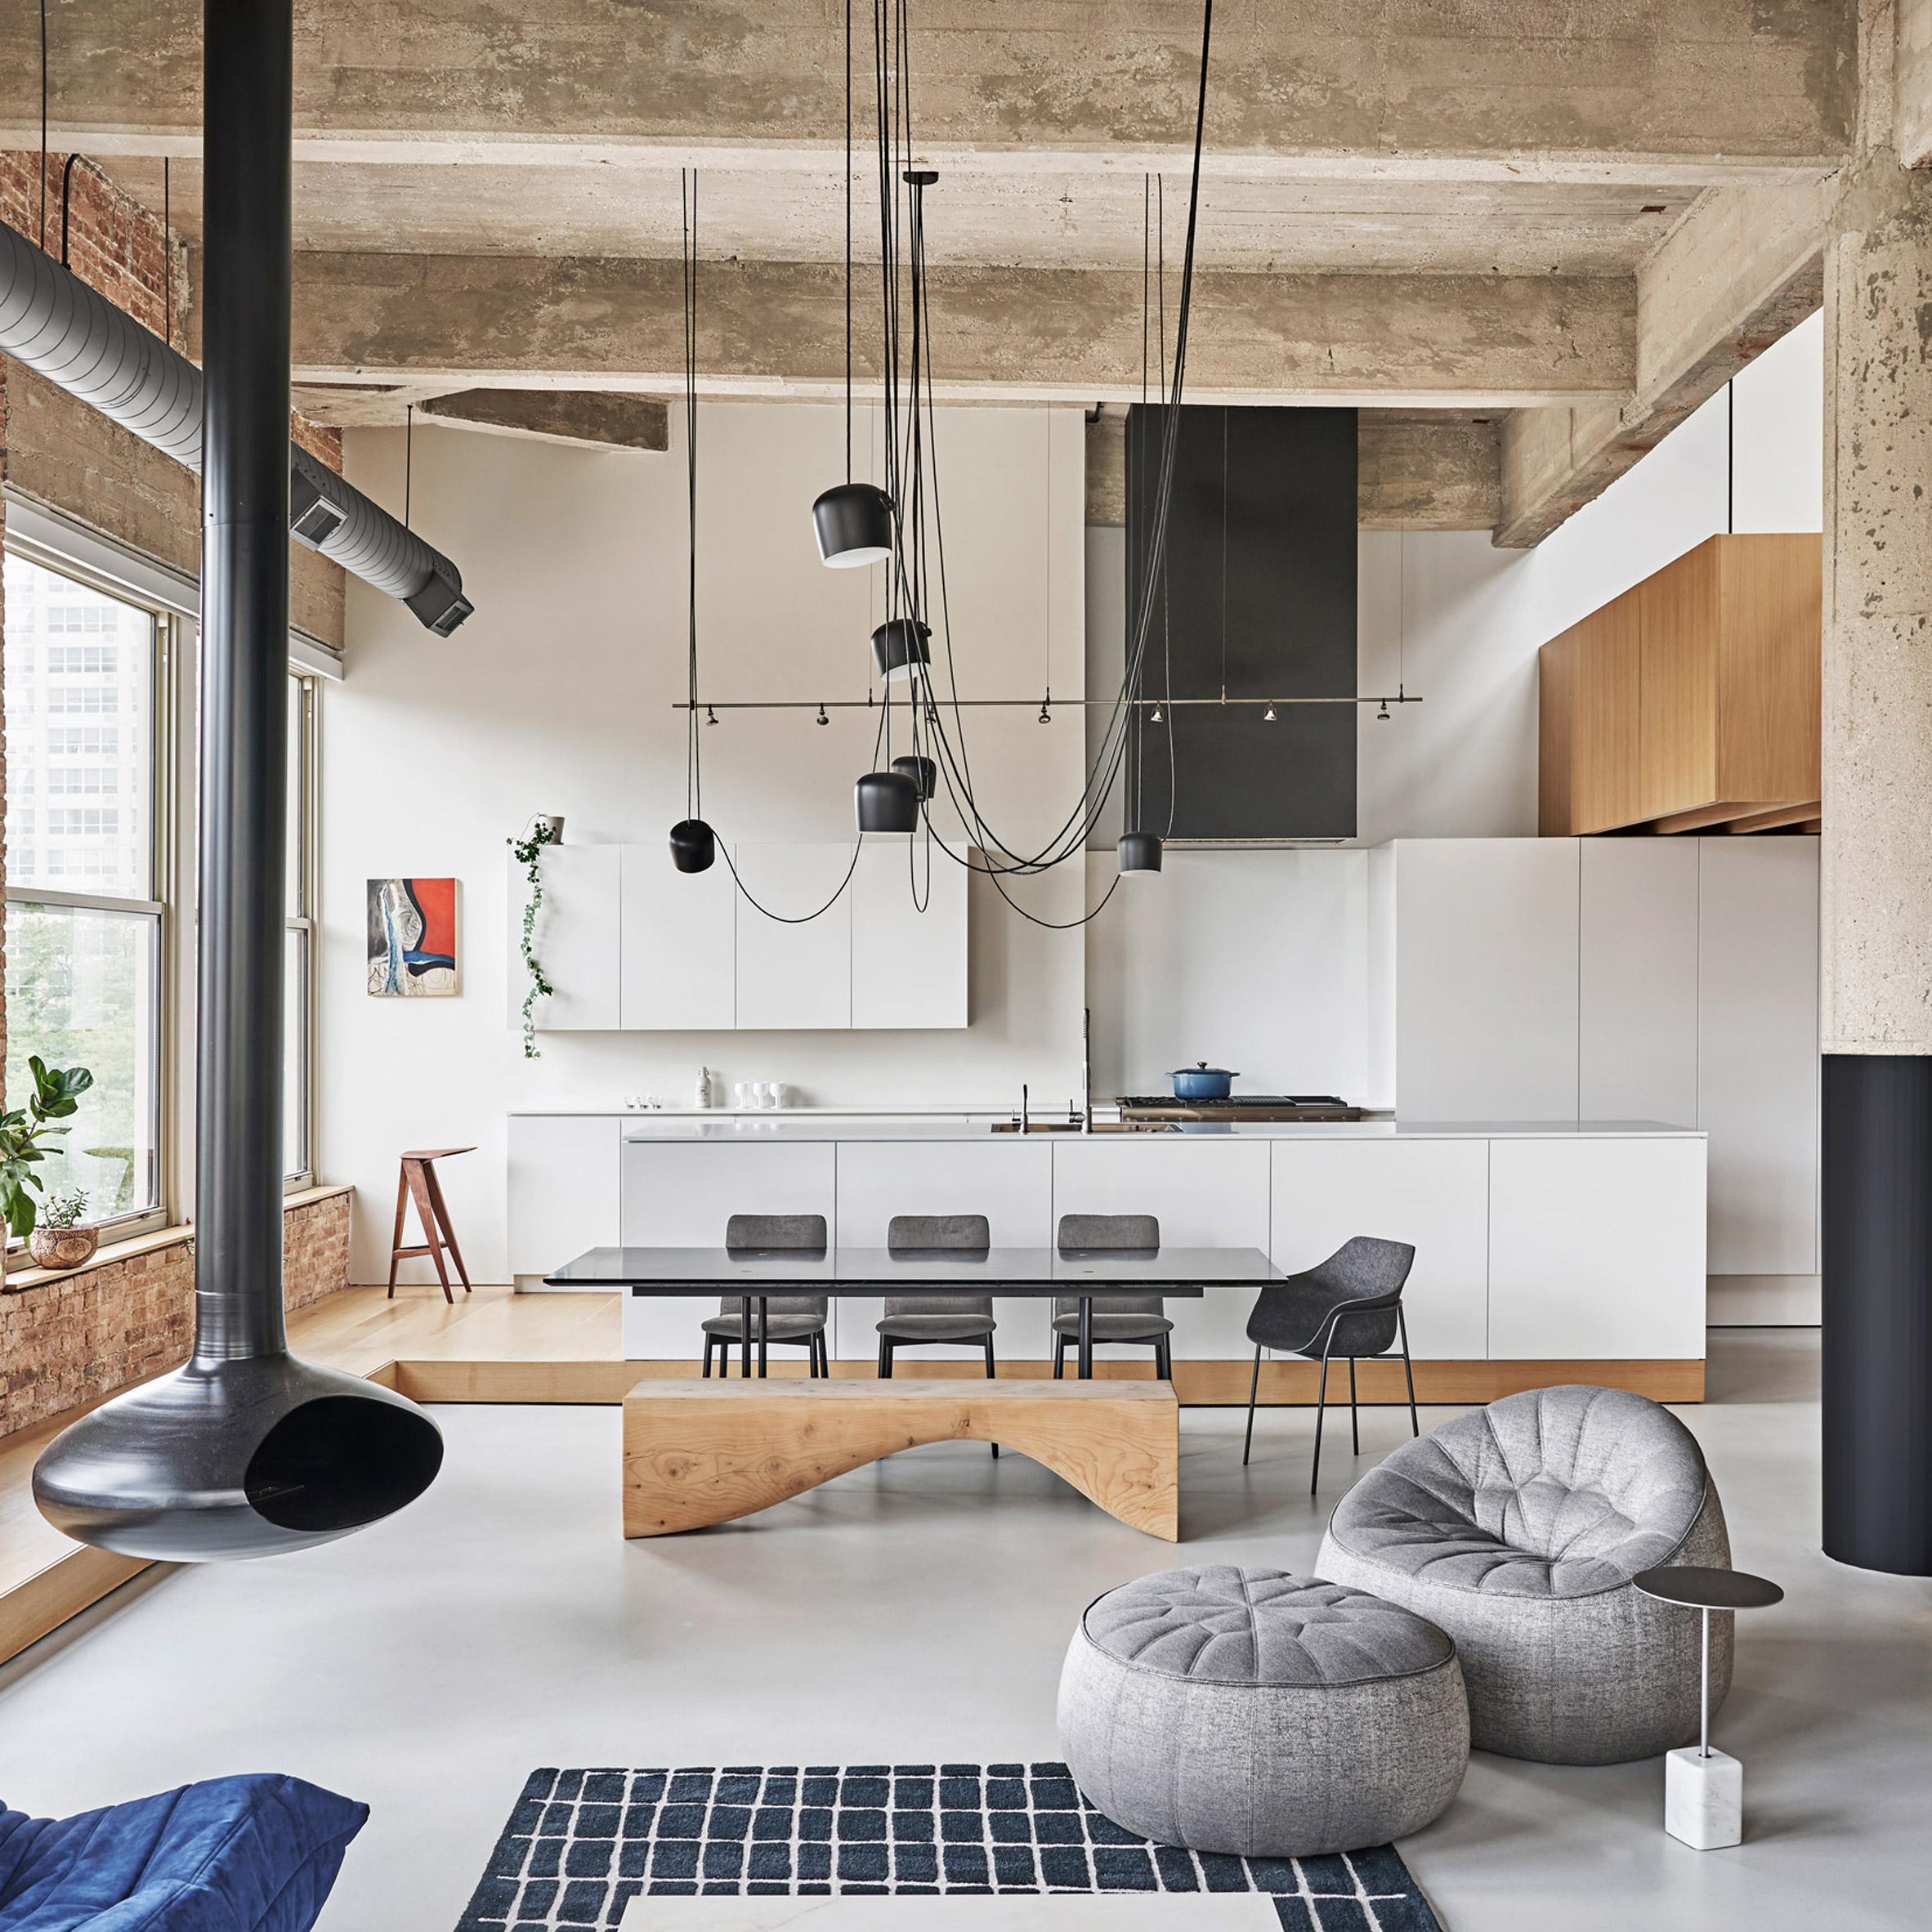 Phong cách Loft trong thiết kế nội thất